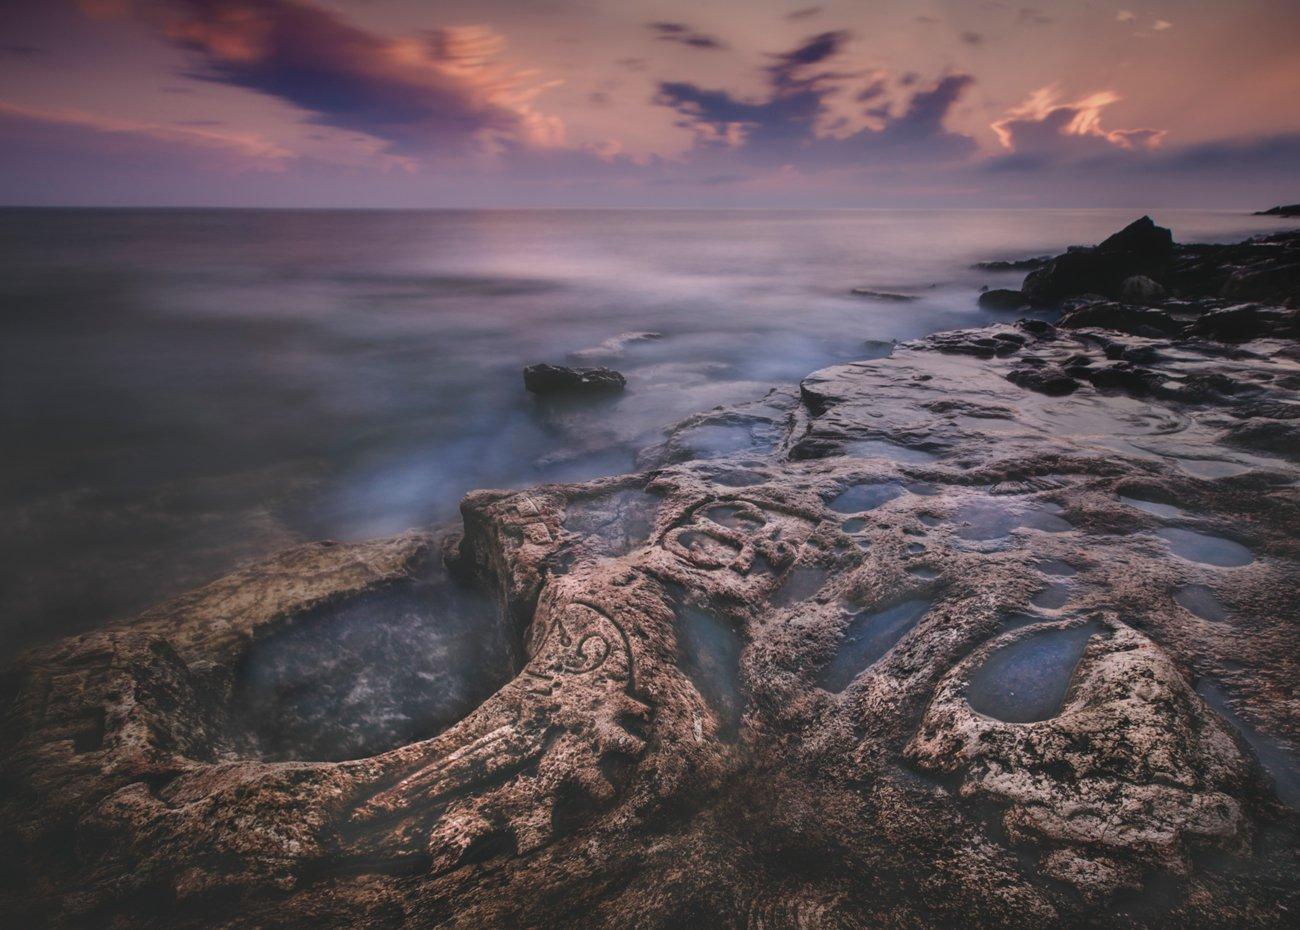 пейзаж,крым,закат,побережье,облака,природа,фототур,россия, Elena Pakhalyuk